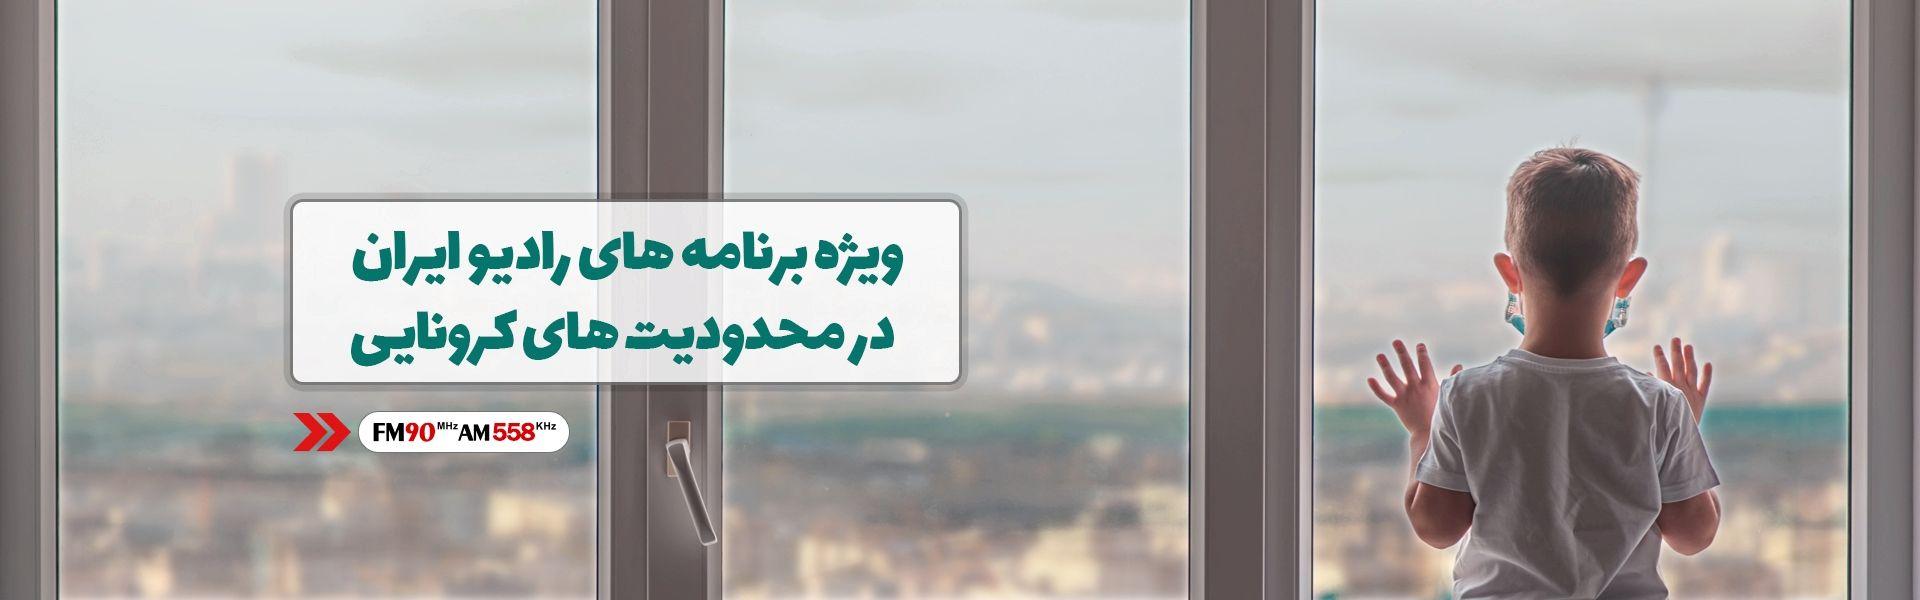 ویژه برنامه های رادیو ایران در محدودیت های کرونایی